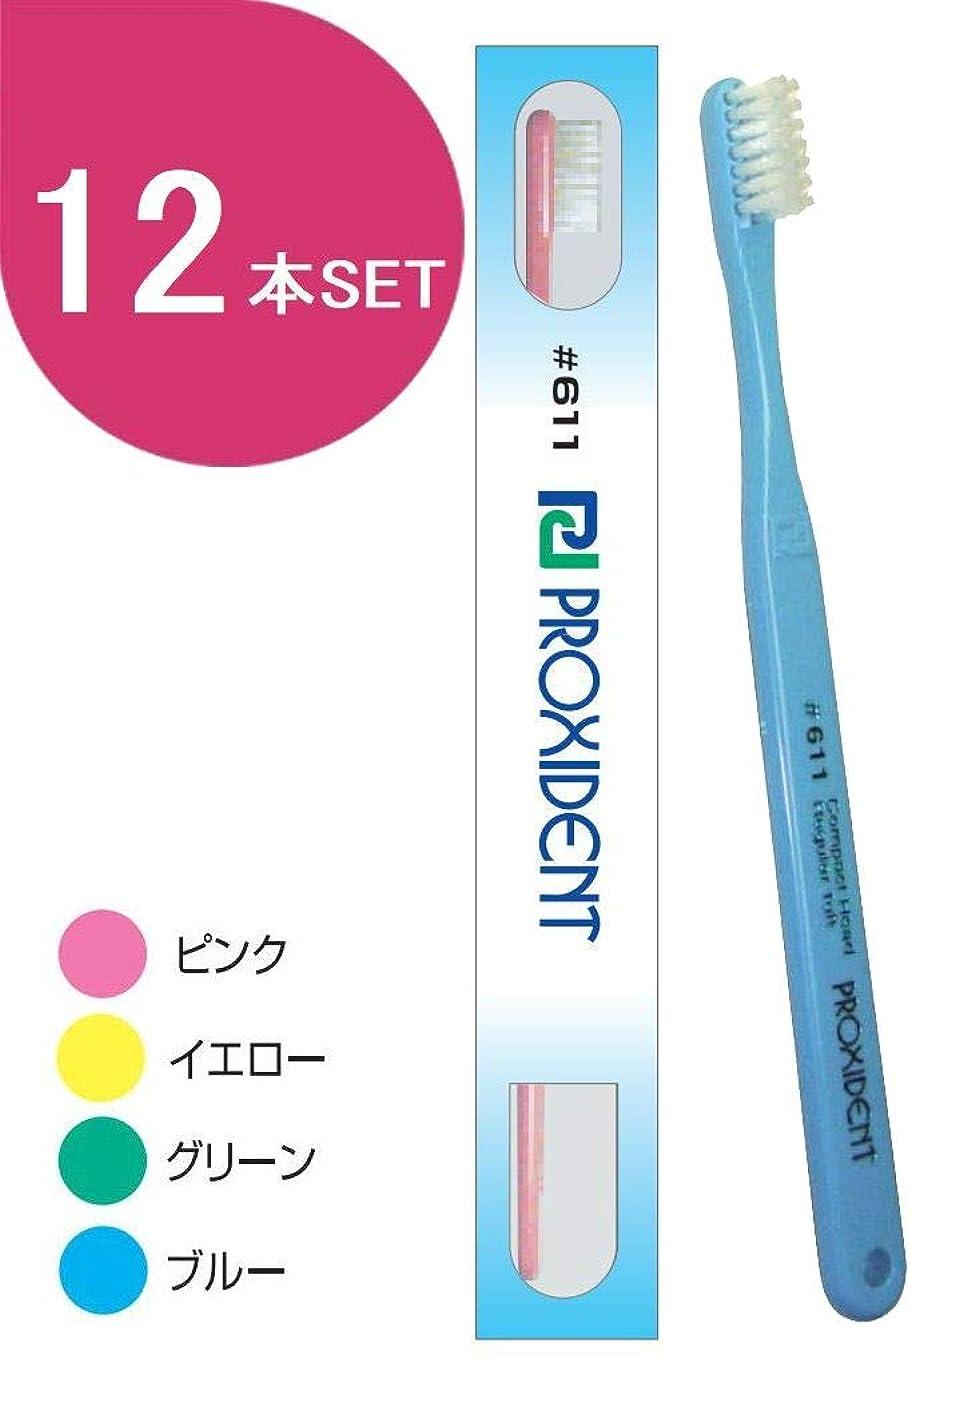 泥だらけ不快ストロークプローデント プロキシデント コンパクト レギュラータフト 歯ブラシ #611 (12本)